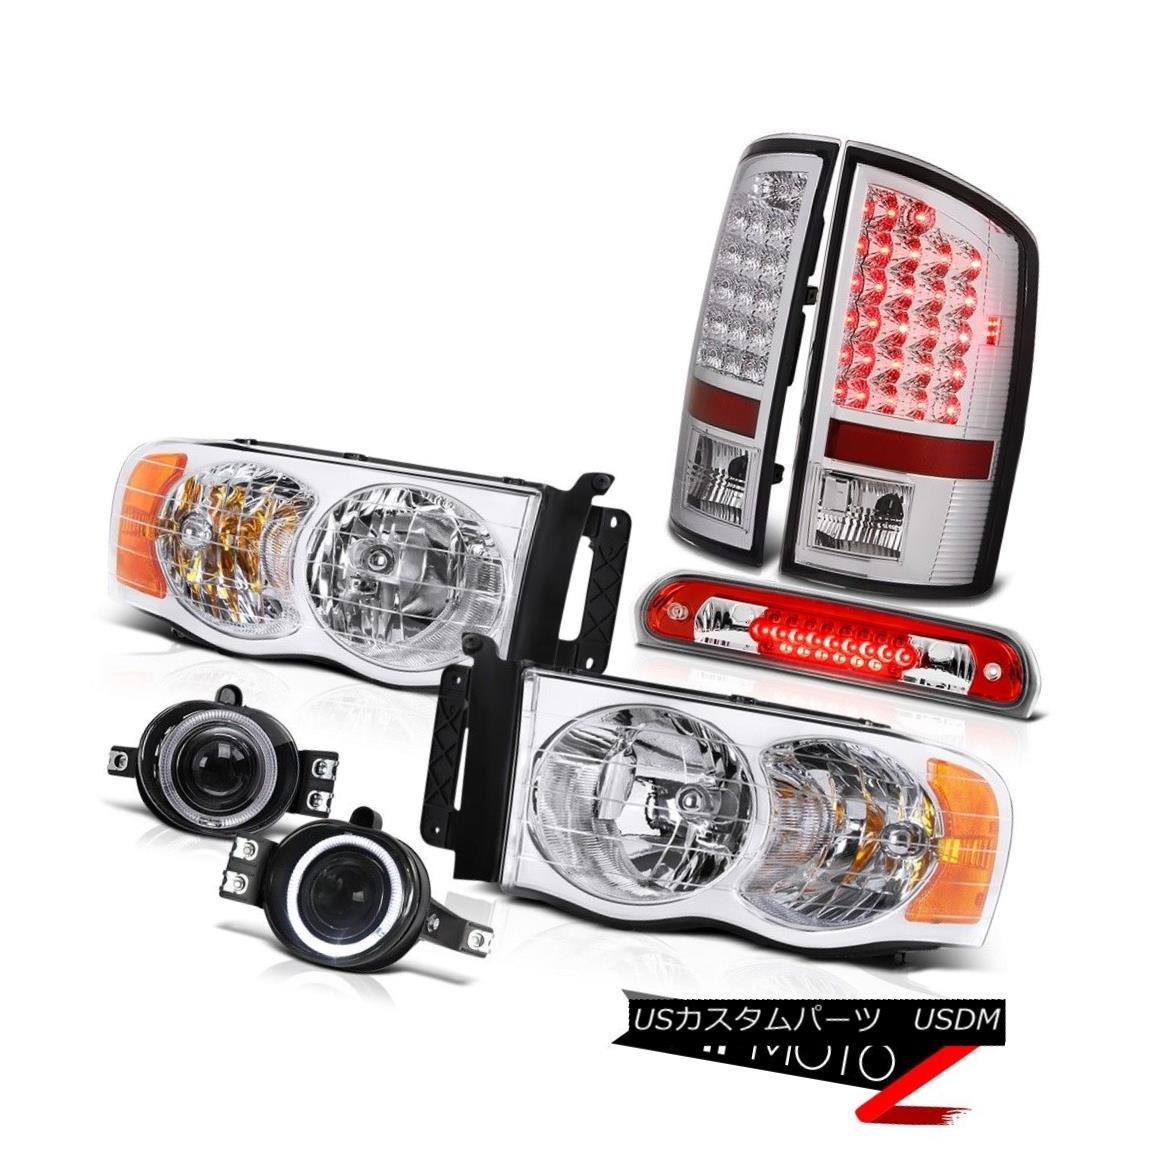 テールライト 02 03 04 05 Ram PowerTech Chrome Headlights LED Halo Projector Fog 3rd Brake Red 02 03 04 05 Ram PowerTechクロームヘッドライトLEDハロープロジェクターフォグ第3ブレーキ赤